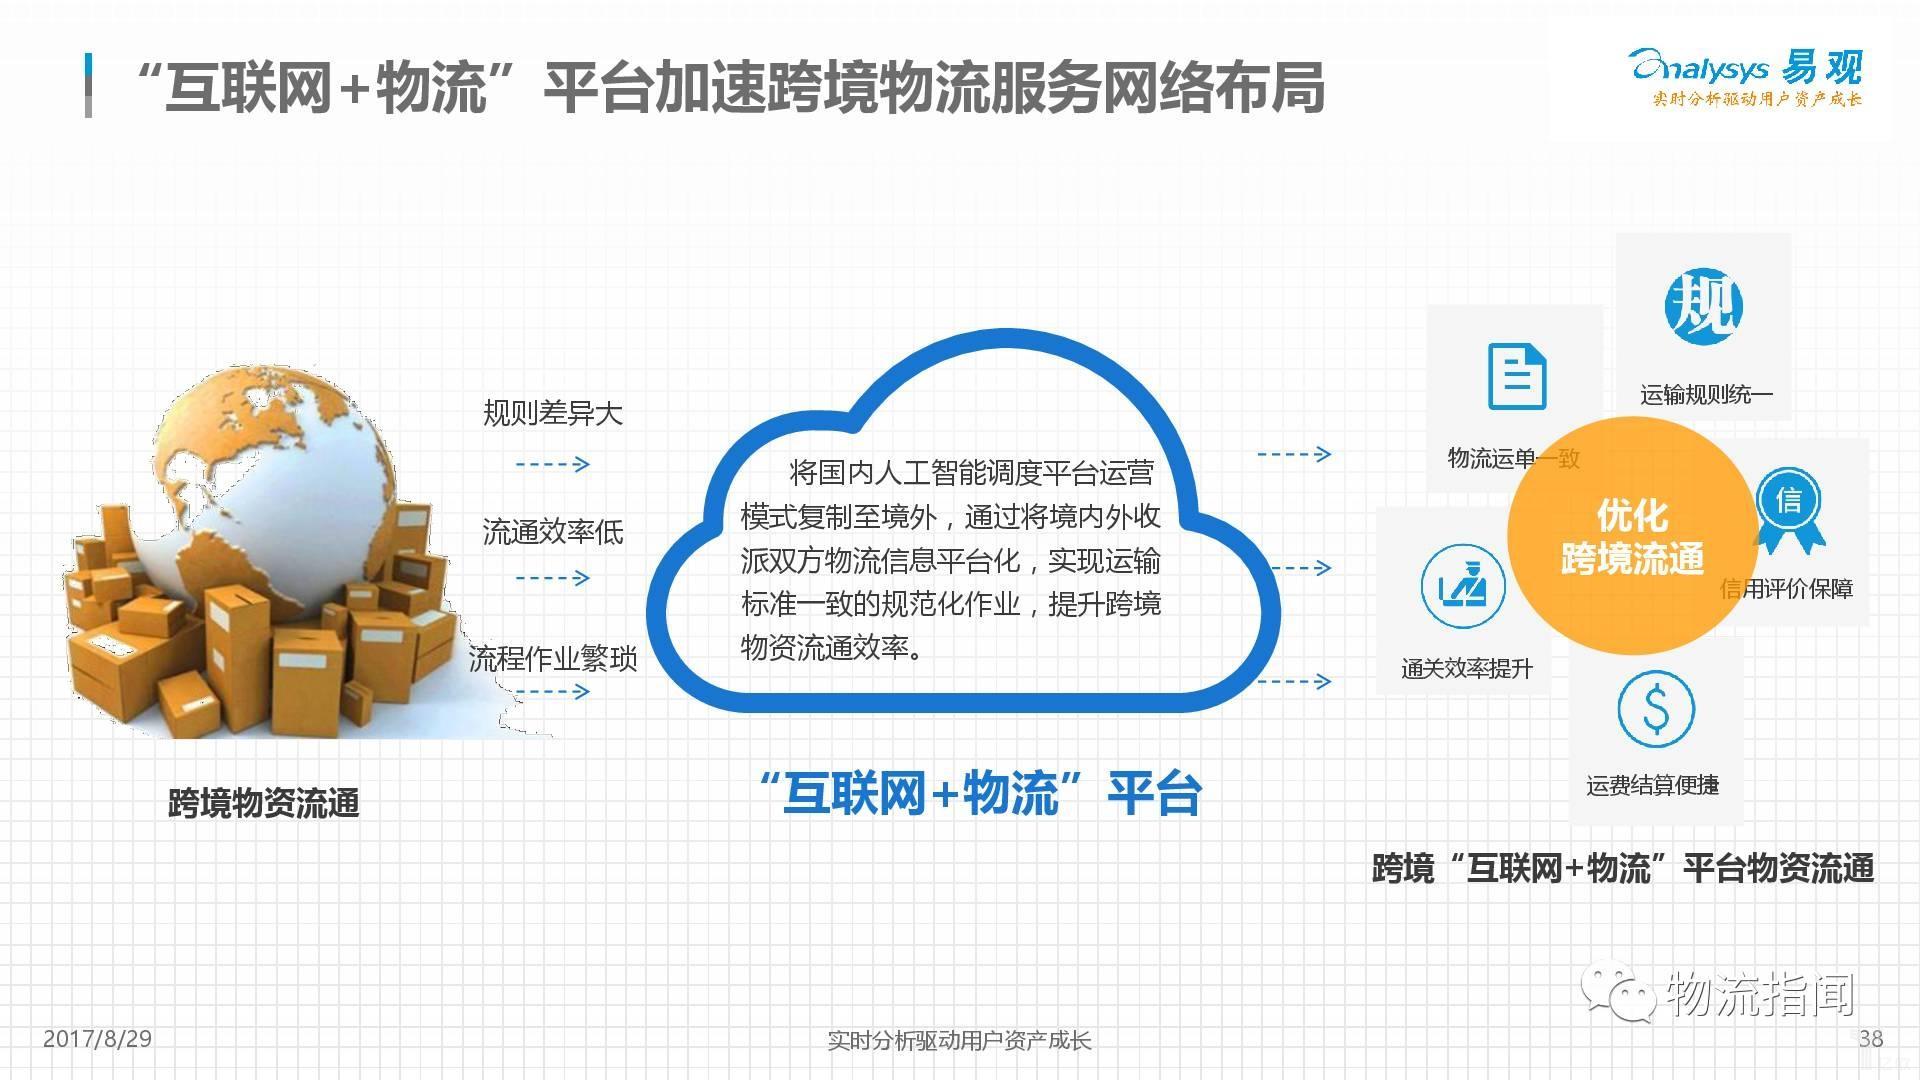 """""""互联网 物流""""平台加速跨境物流服务网络布局"""